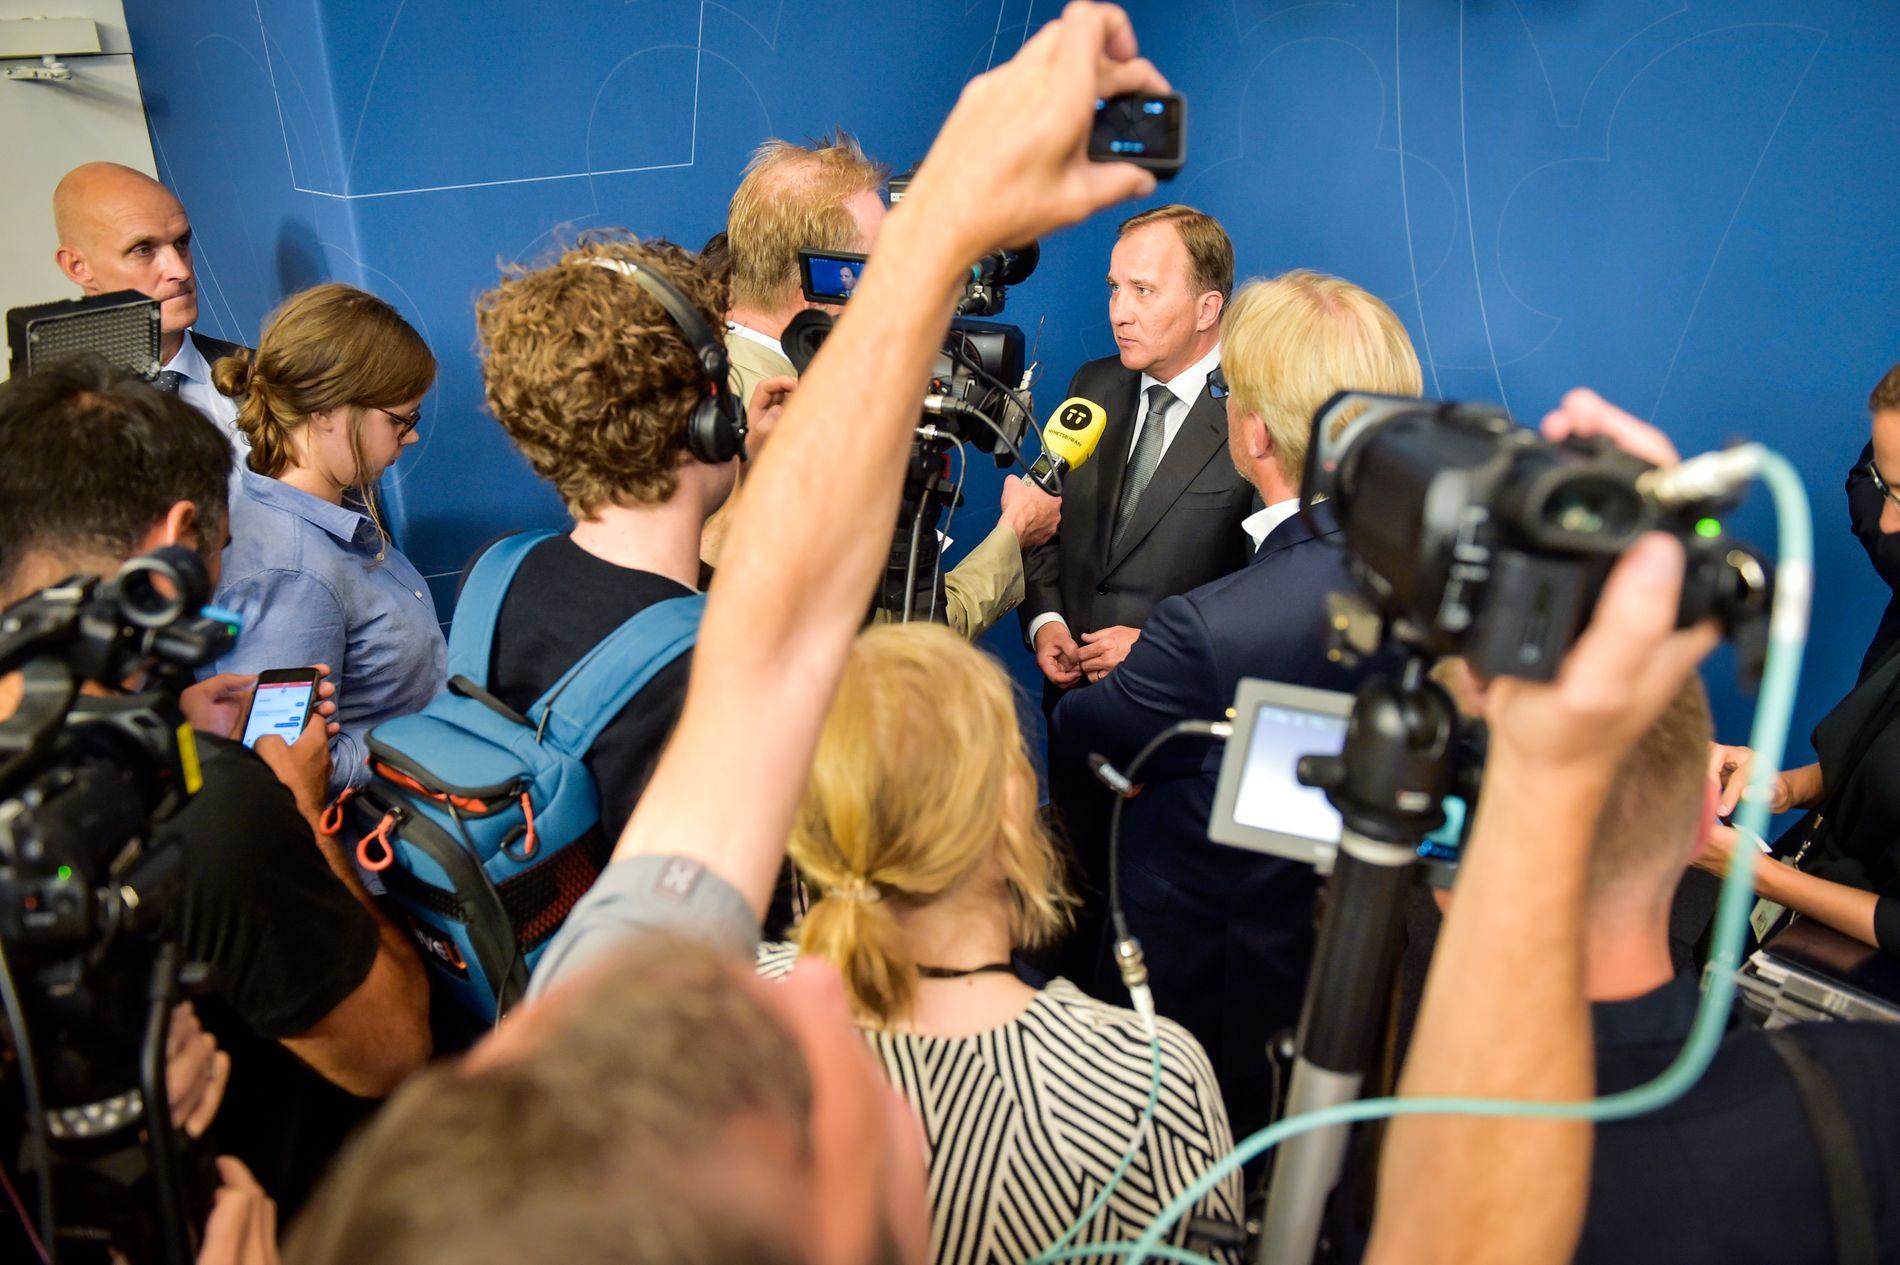 Statsminister Stefan Löfven holdt for få dager siden pressekonferanse i forbindelse med at sensitive opplysninger er på avveie fra det svenske transporttilsynet. Nå venter alle på hvordan han vil reagere på opposisjonens mistillitsforslag.